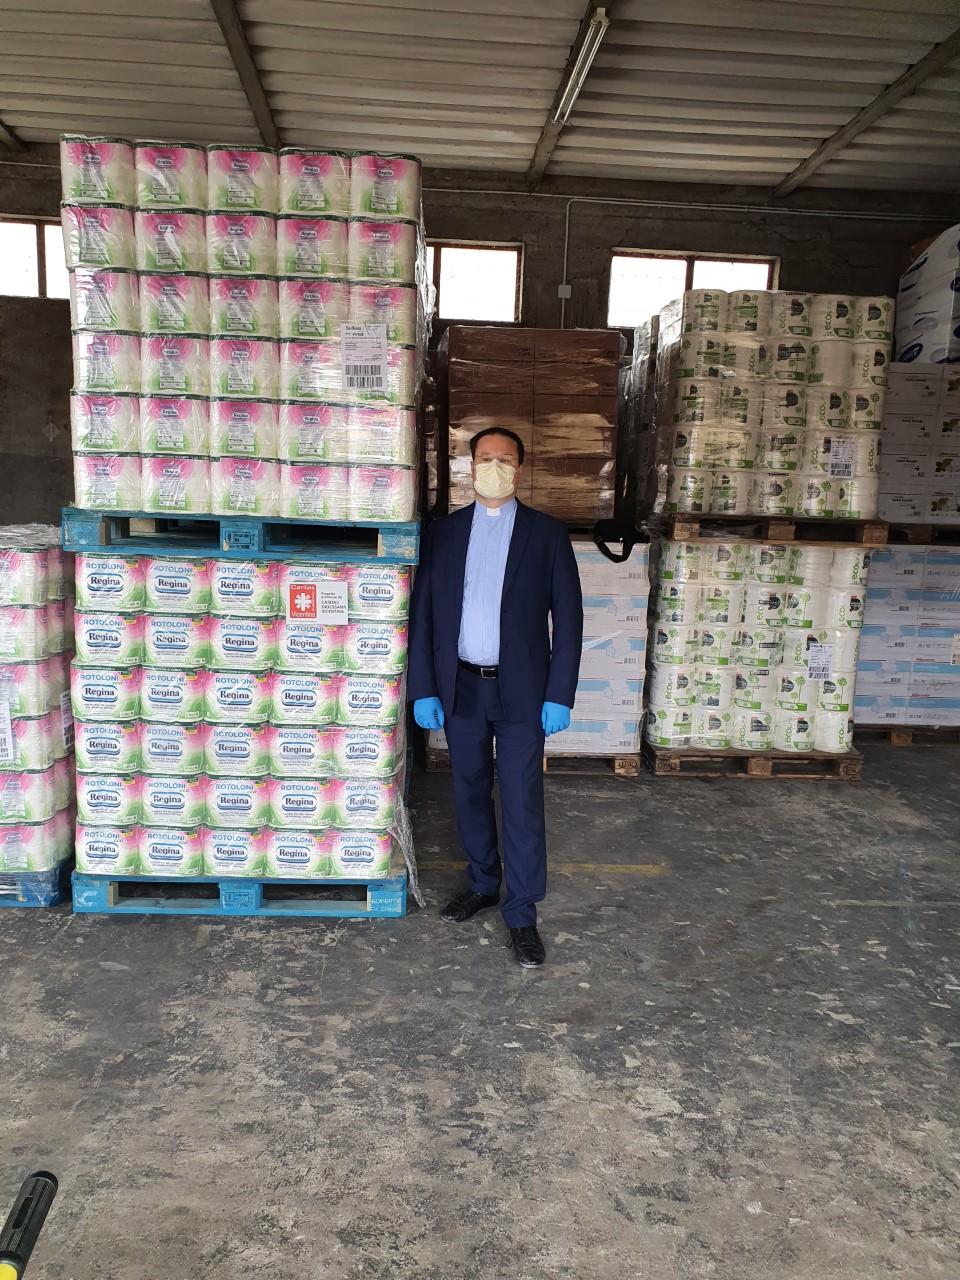 Sofidel dona alle Caritas del Triveneto prodotti di carta per uso igienico e domestico